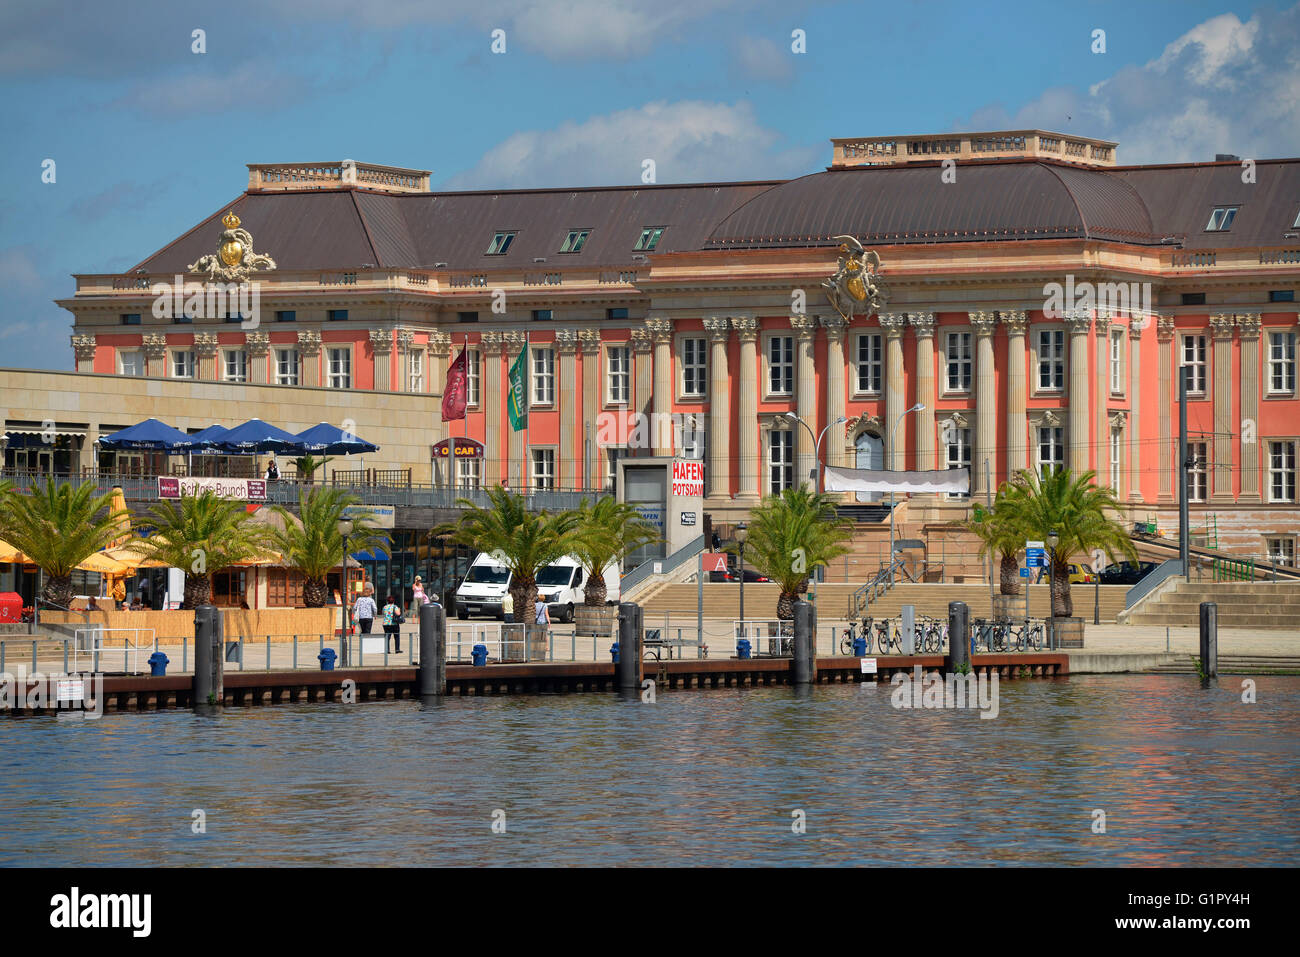 new landtag alter markt potsdam brandenburg germany stock photo royalty free image. Black Bedroom Furniture Sets. Home Design Ideas